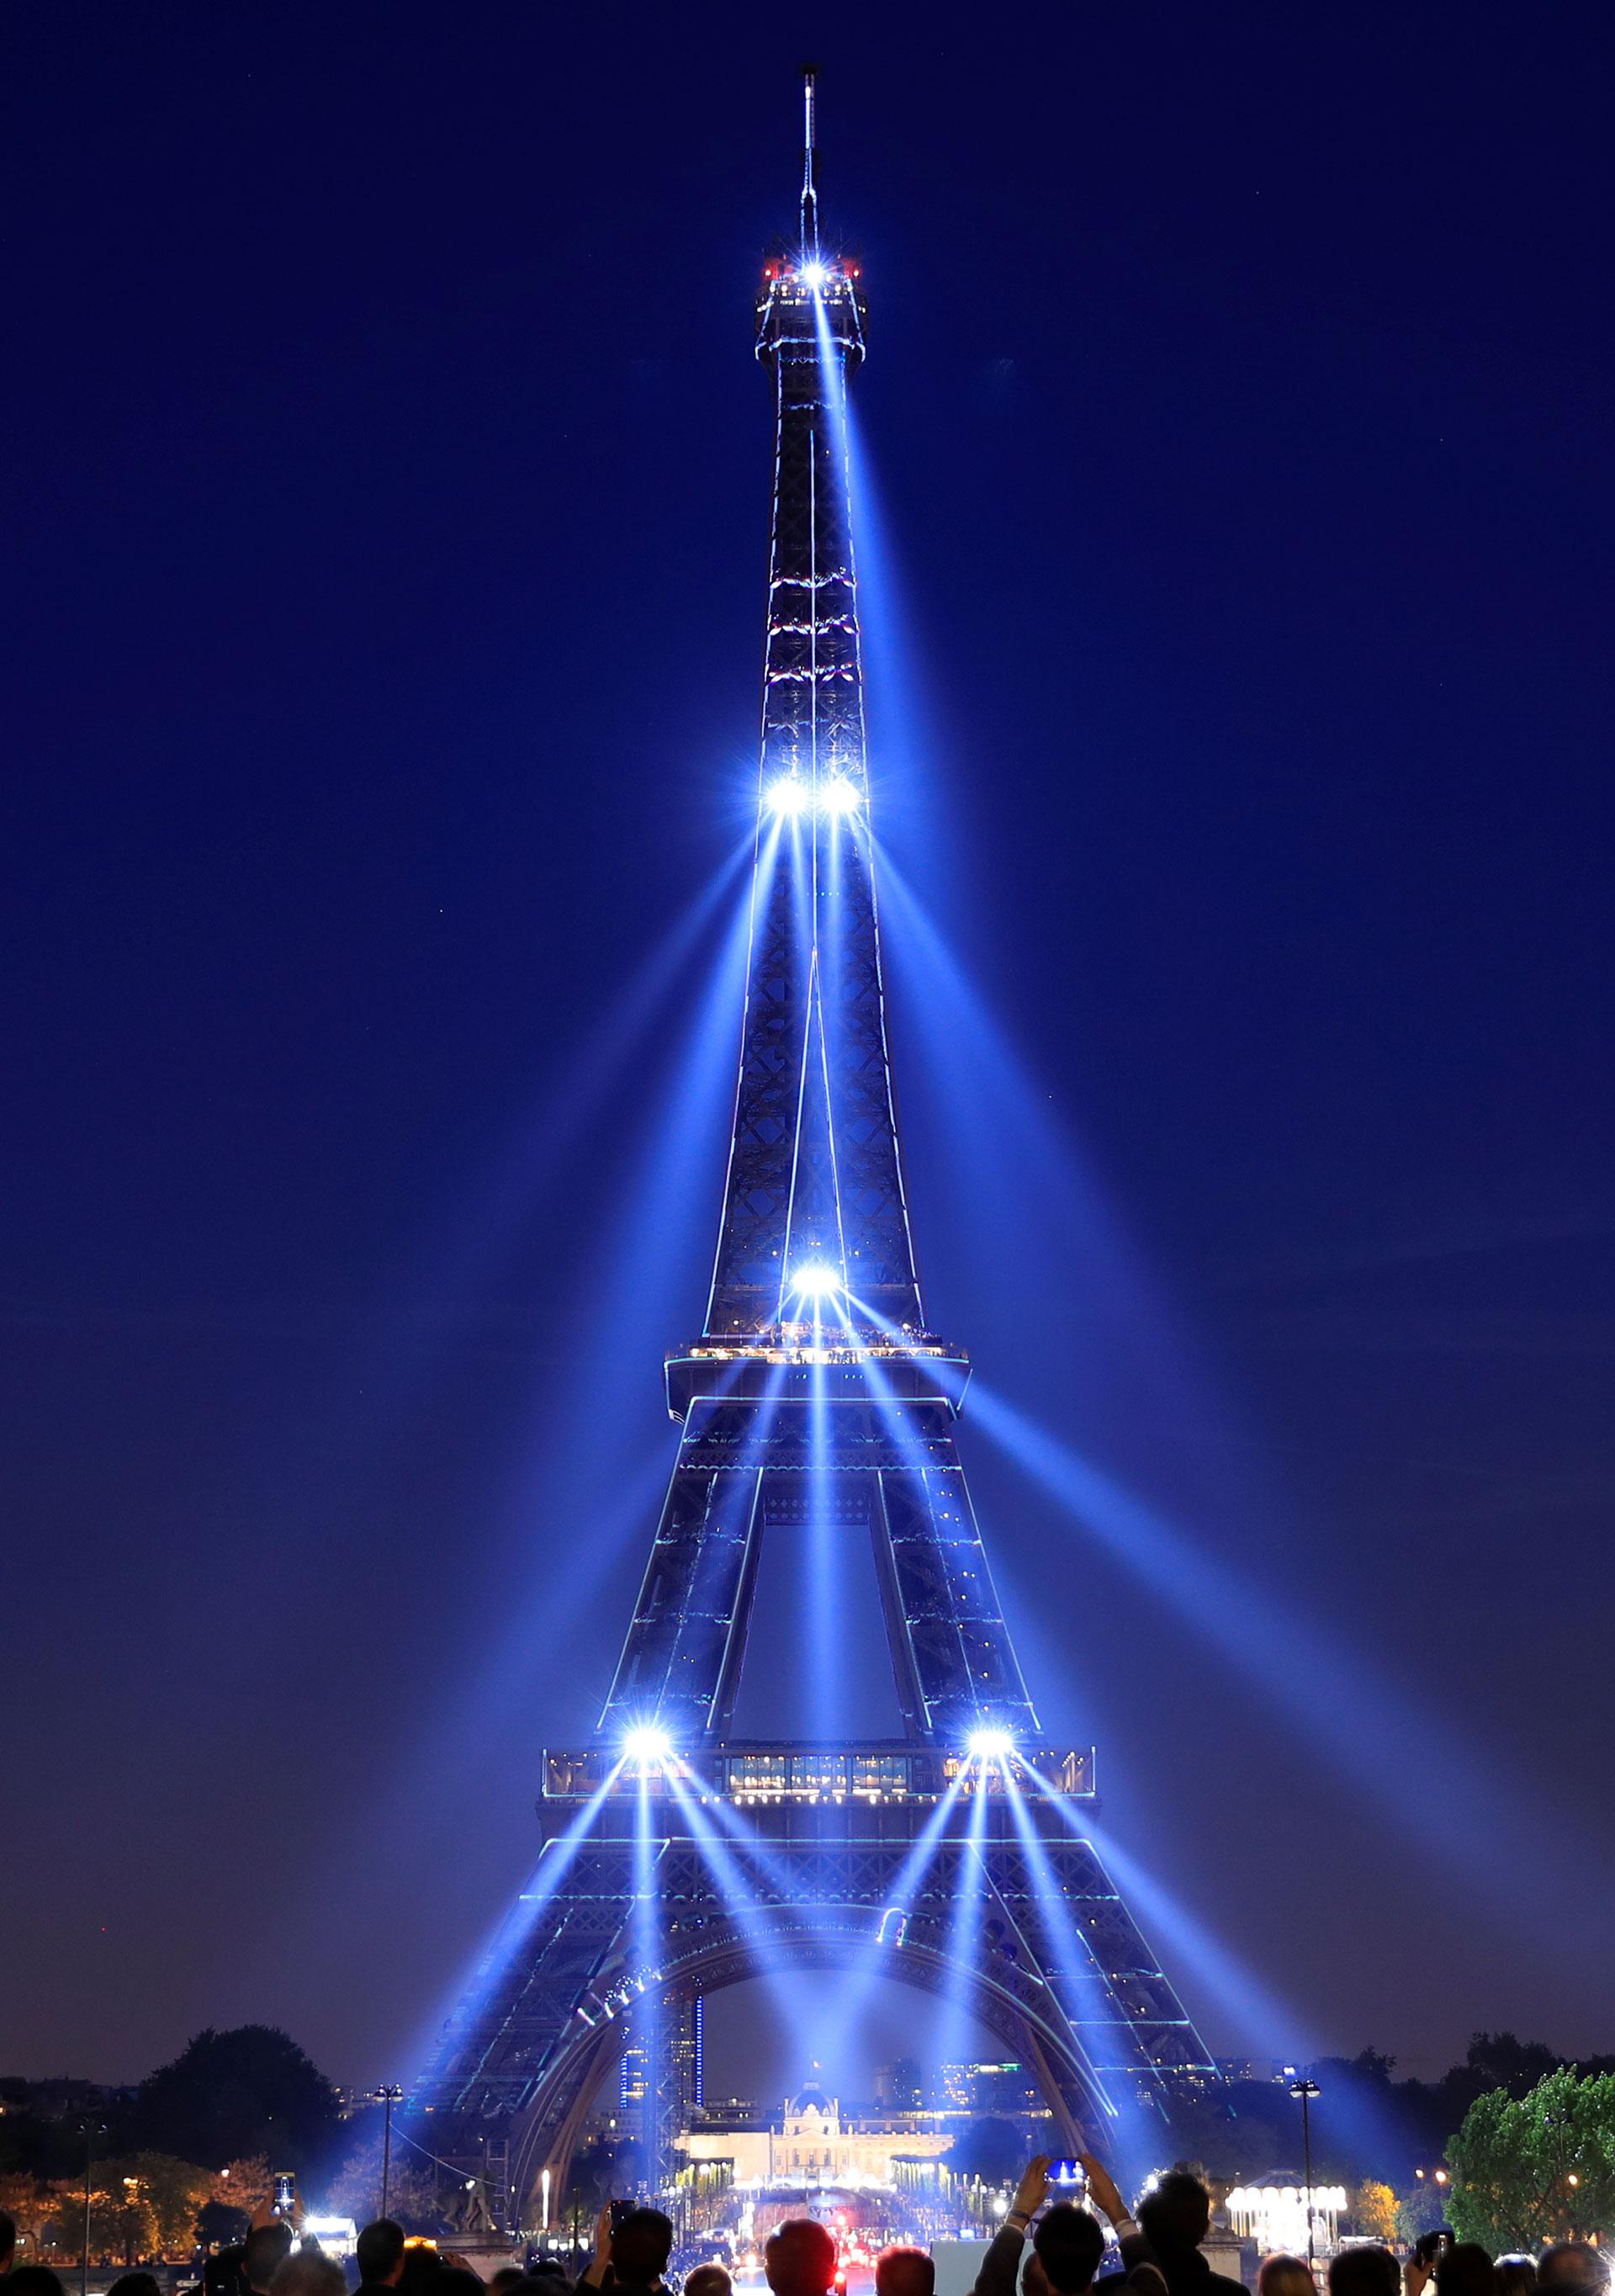 Las celebraciones se vieron ensombrecidas por el reciente y trágico incendio de la Catedral de Notre Dame